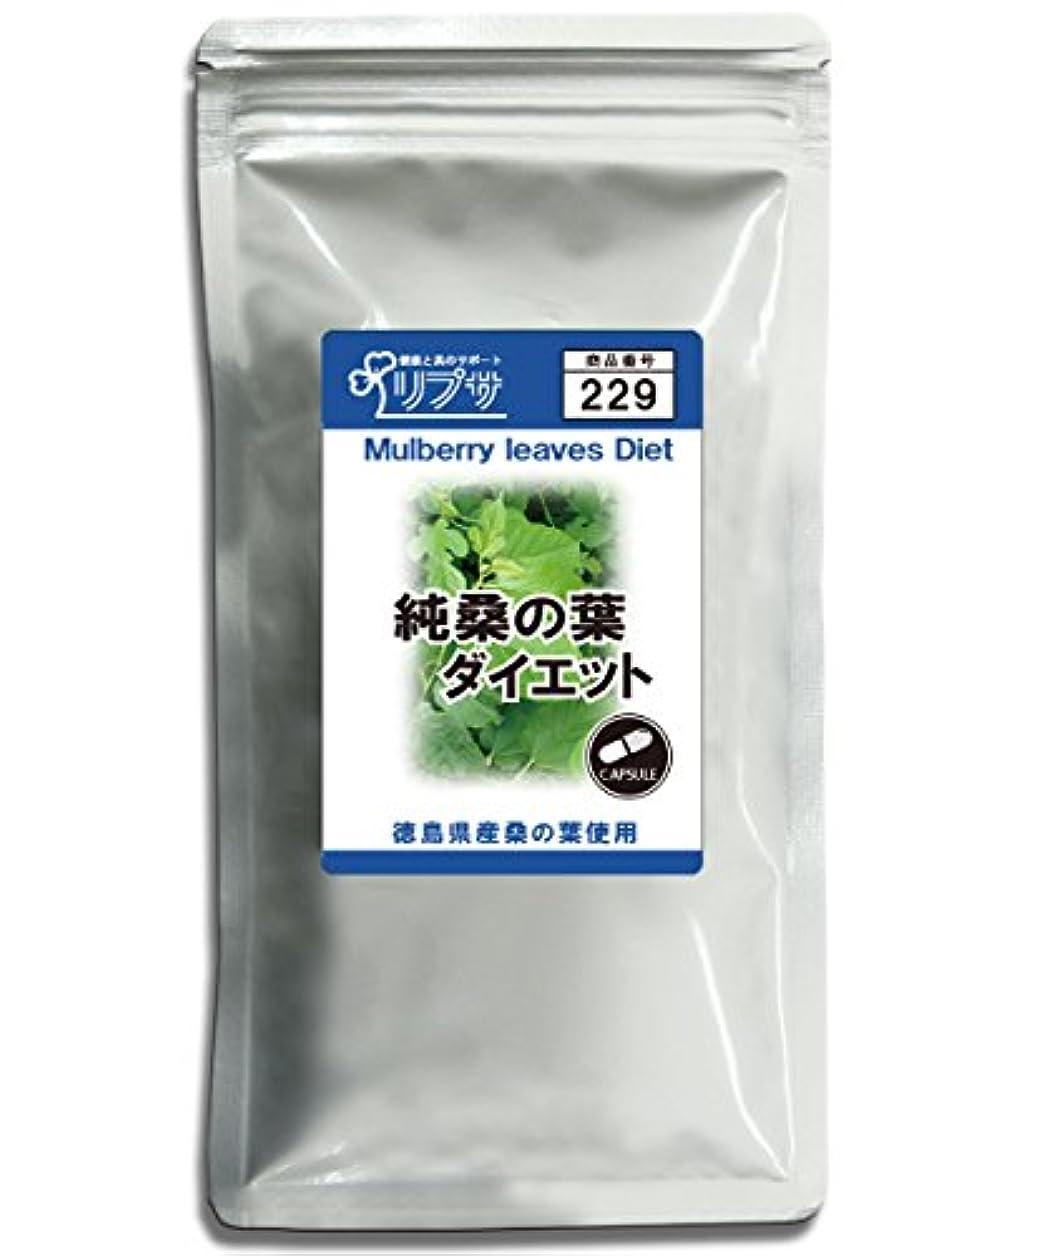 すなわちラベンダー召集する純桑の葉ダイエット 約3か月分 C-229